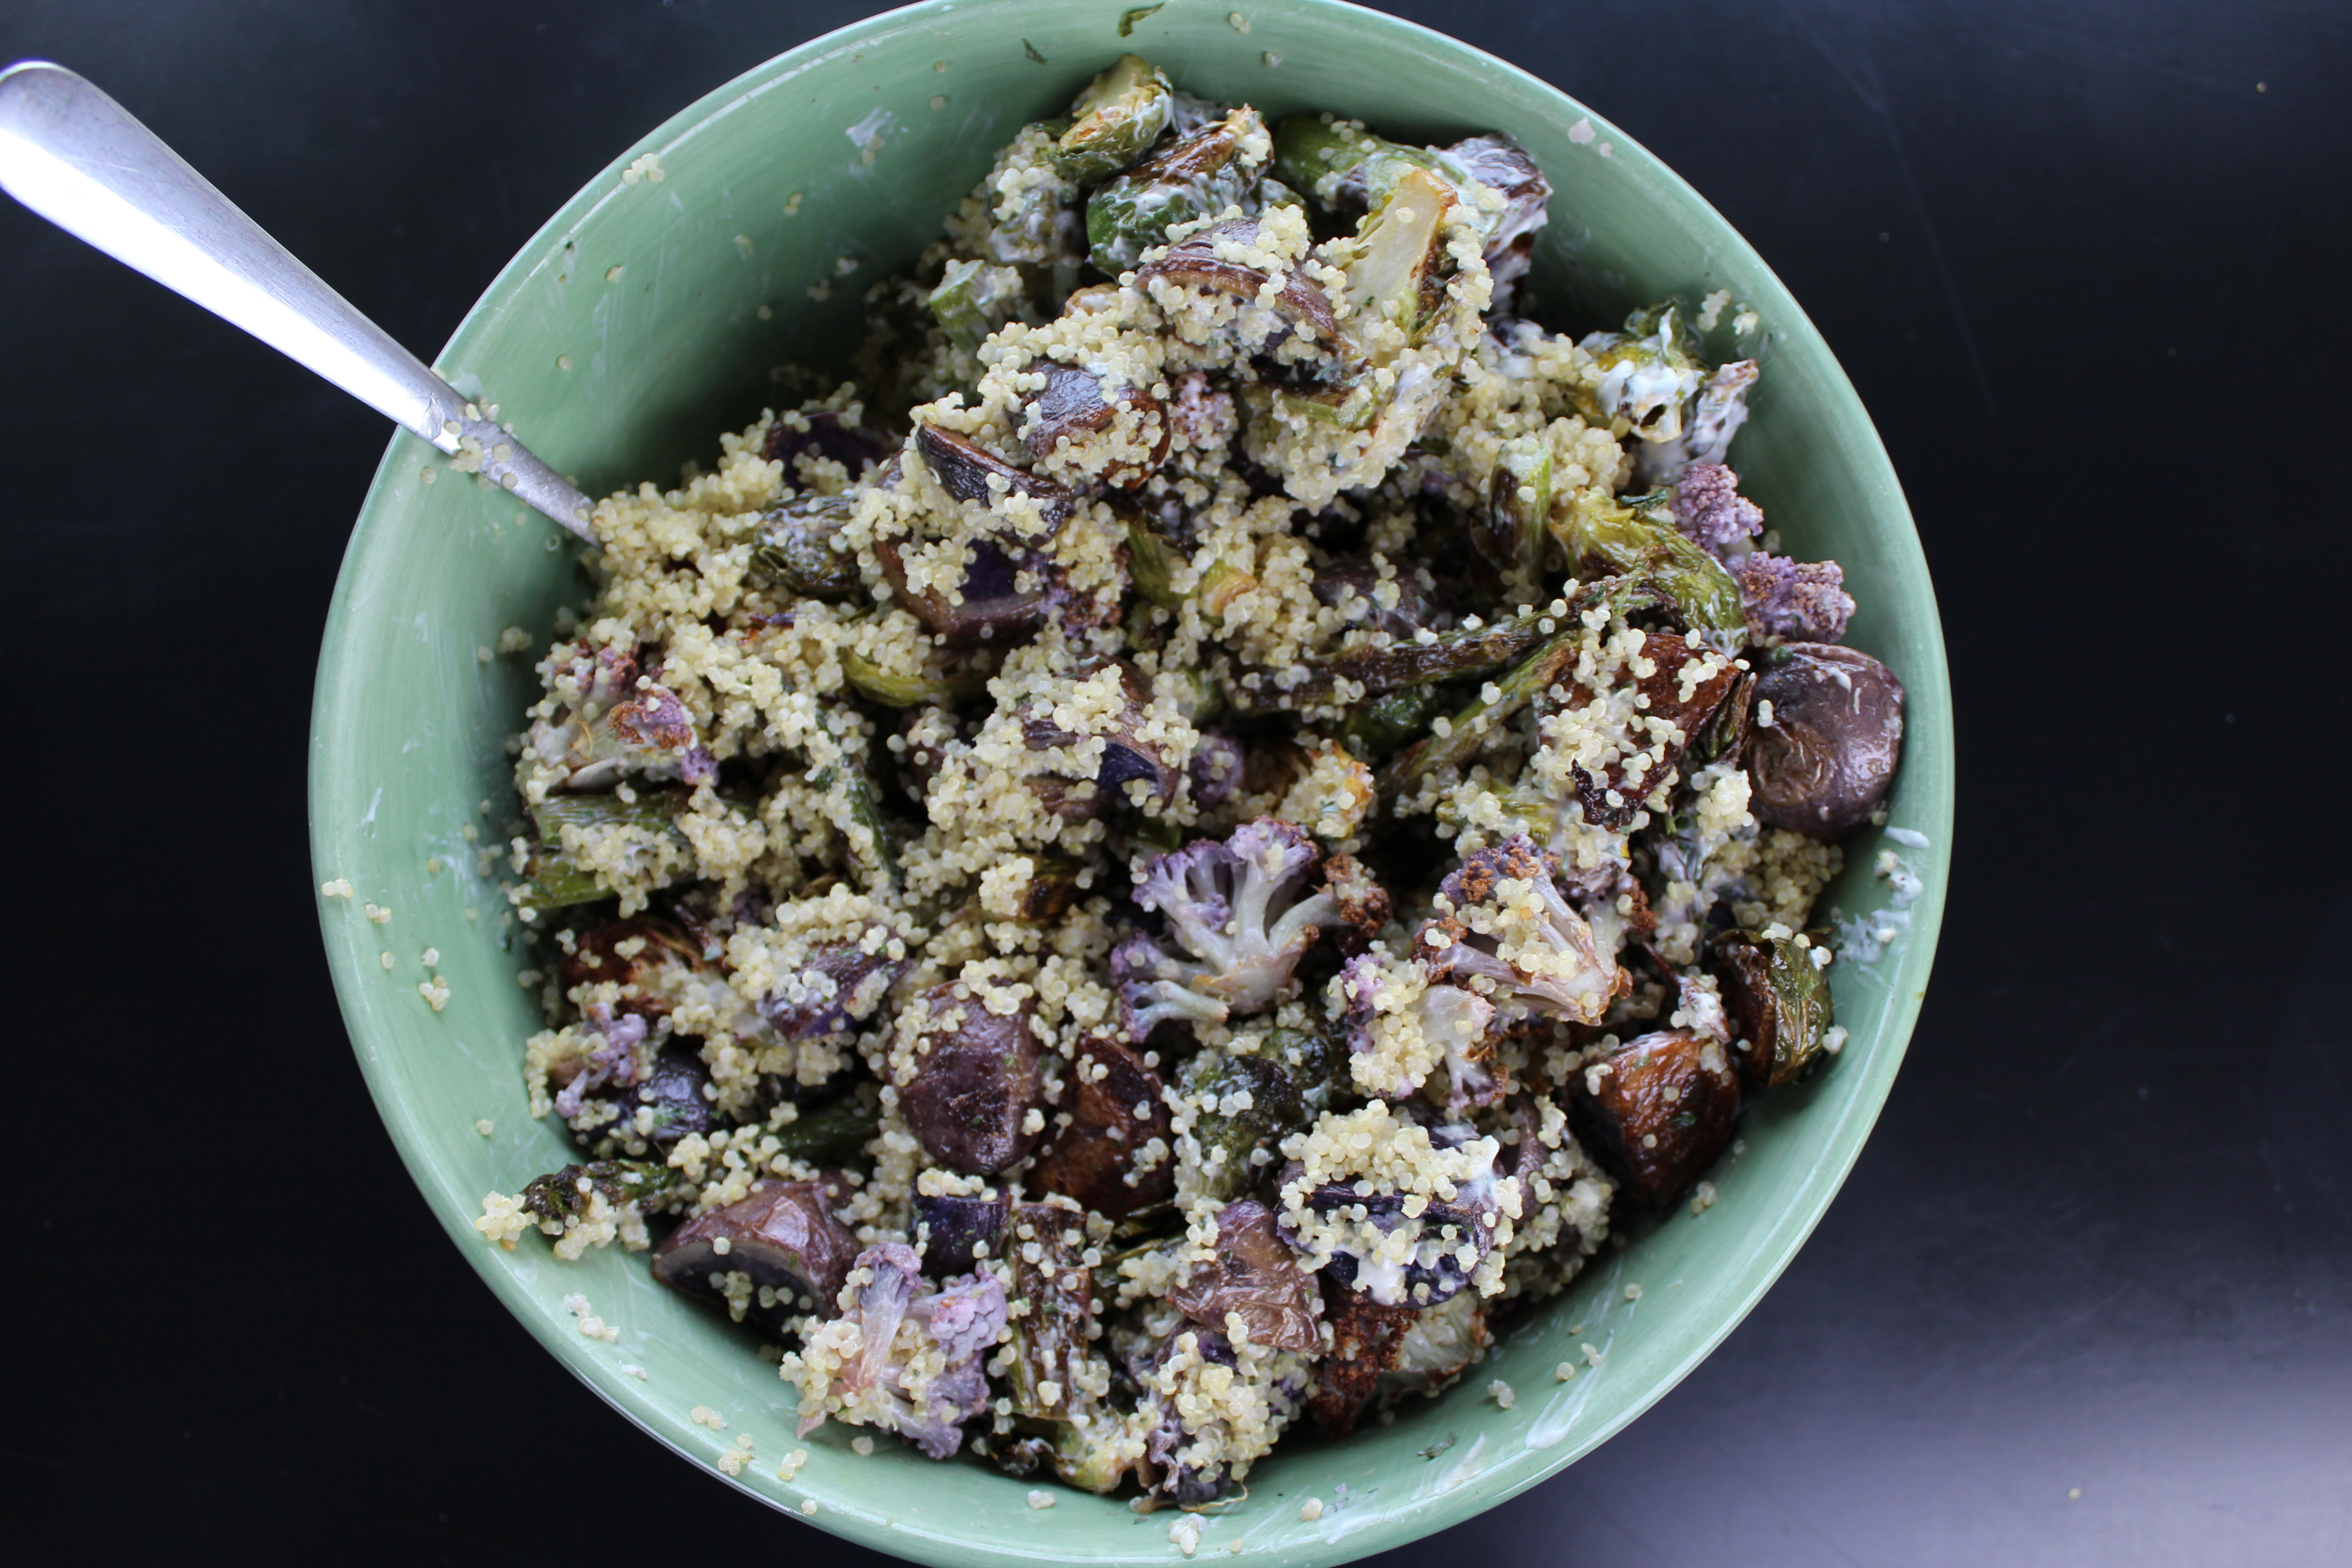 Joyful Purple Veggies